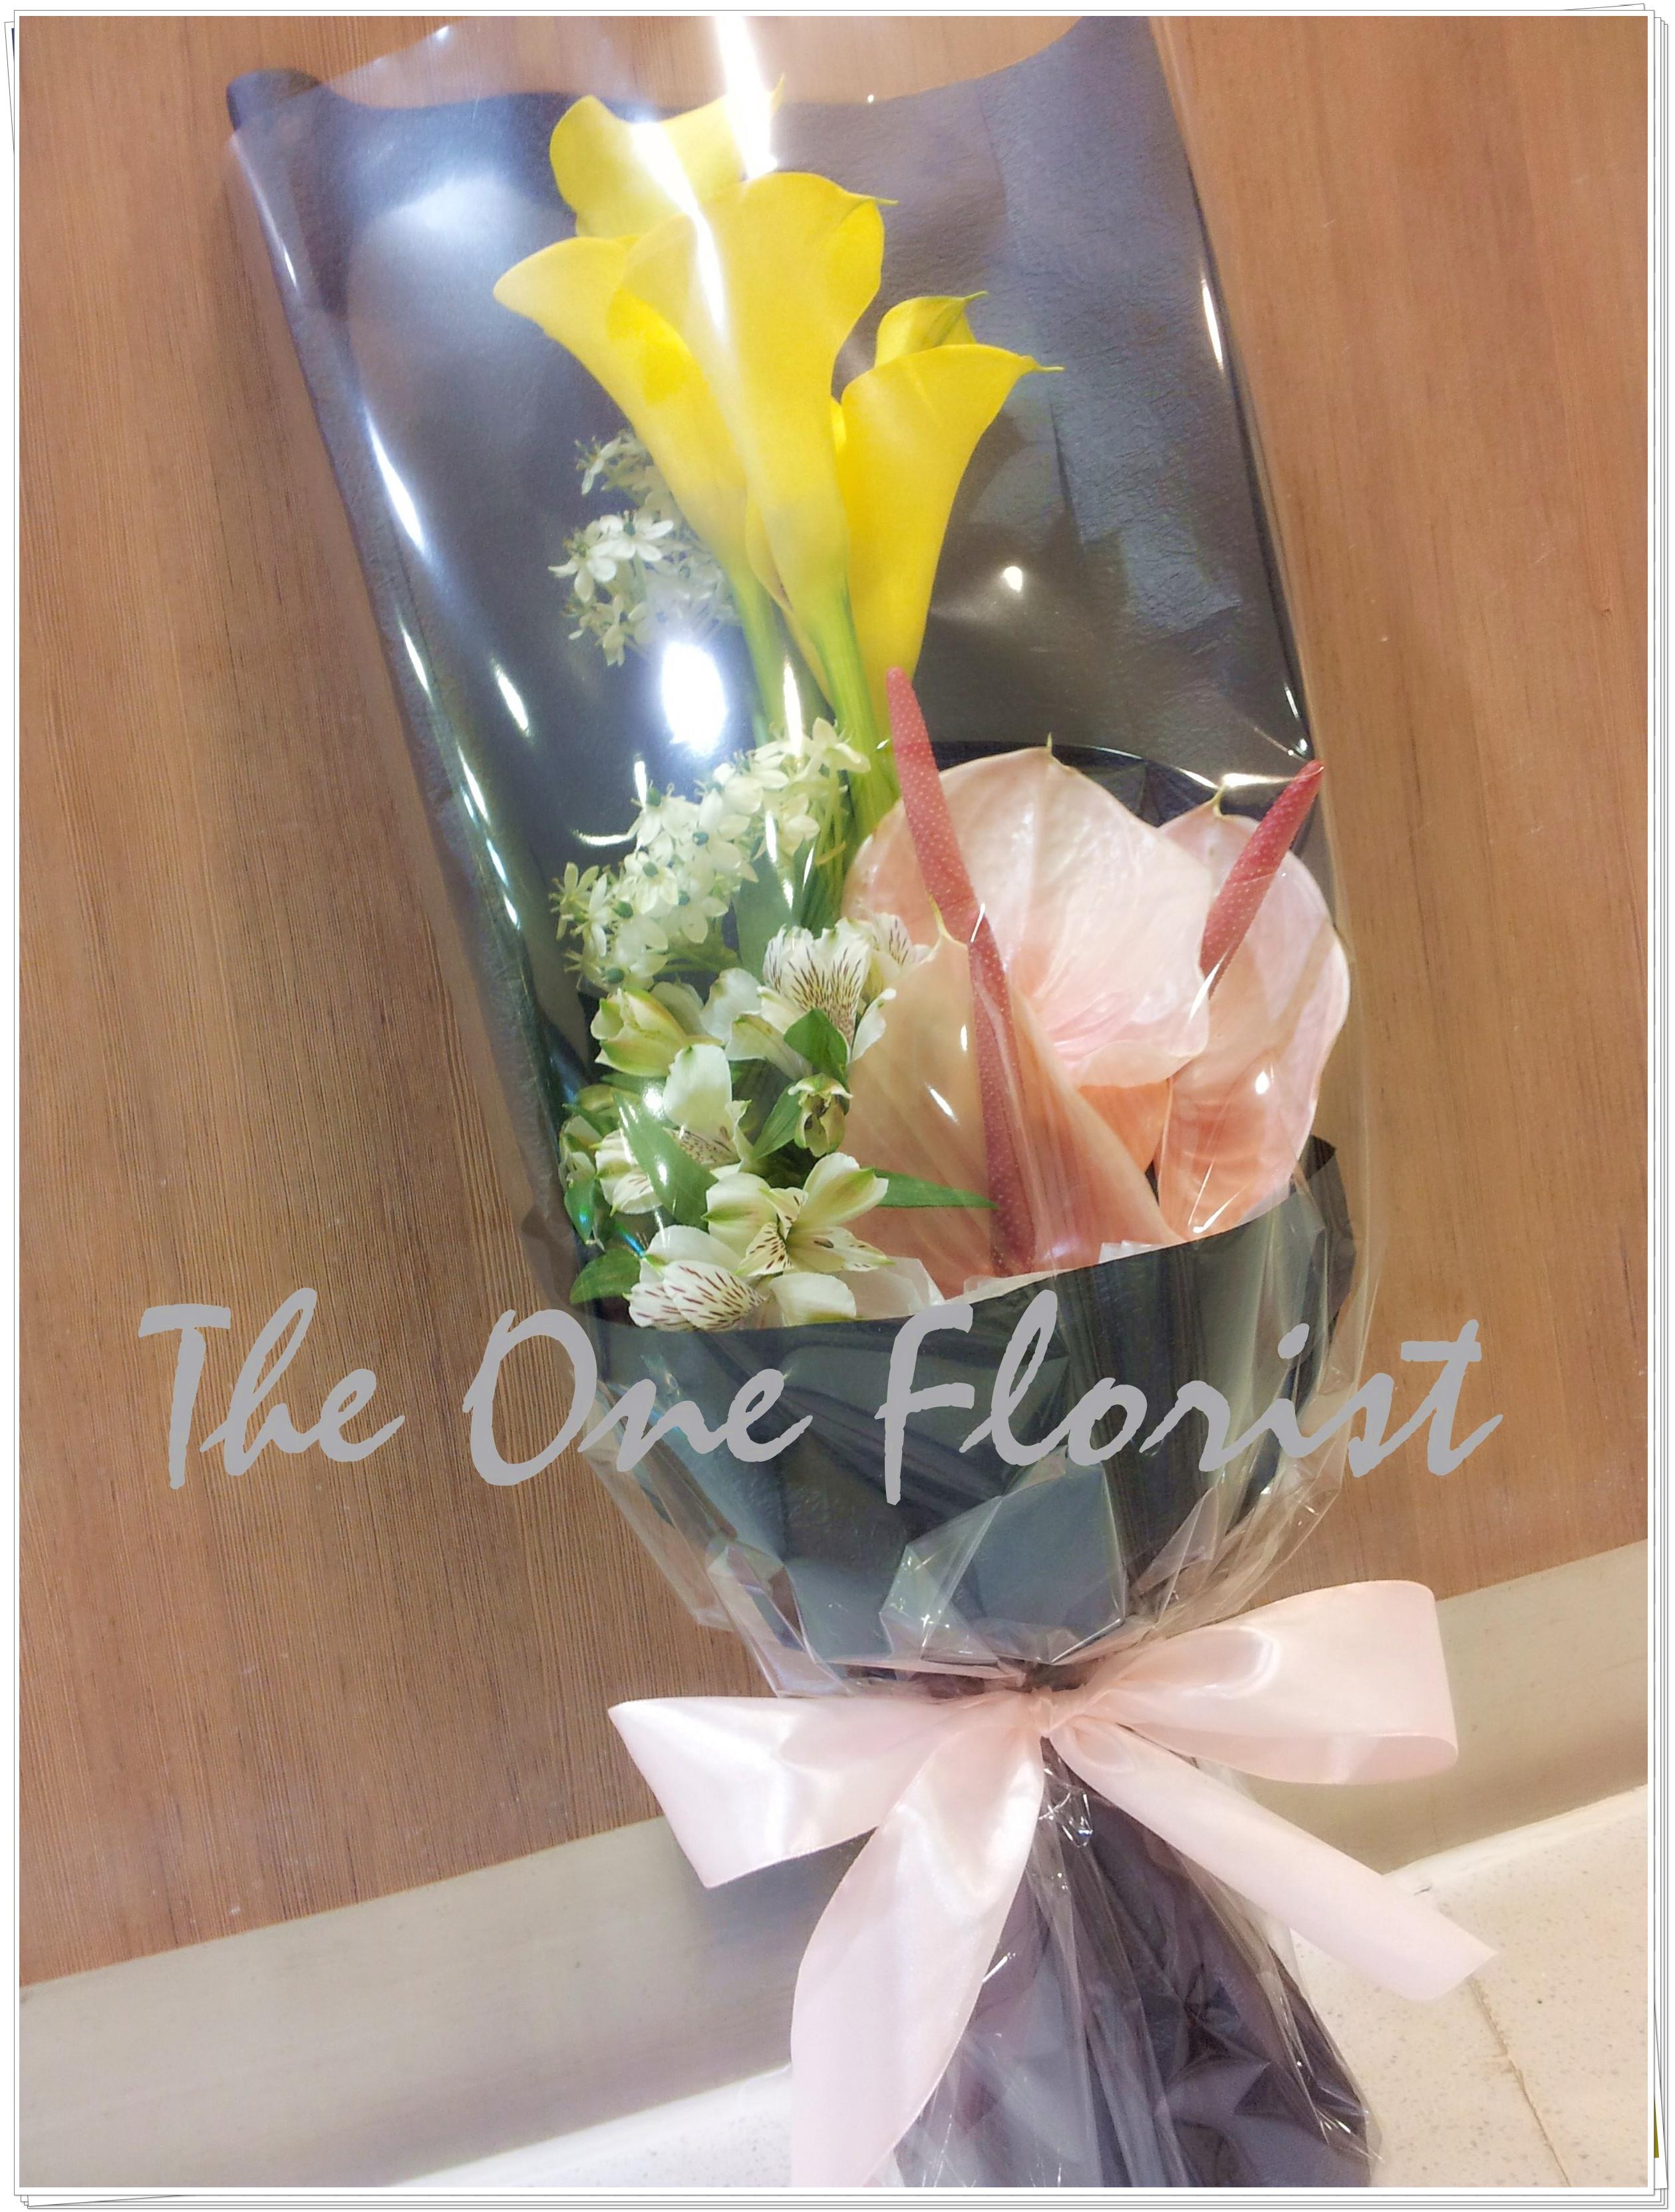 荷蘭馬蹄蘭粉紅掌花束 網上花店 (BQ-22)